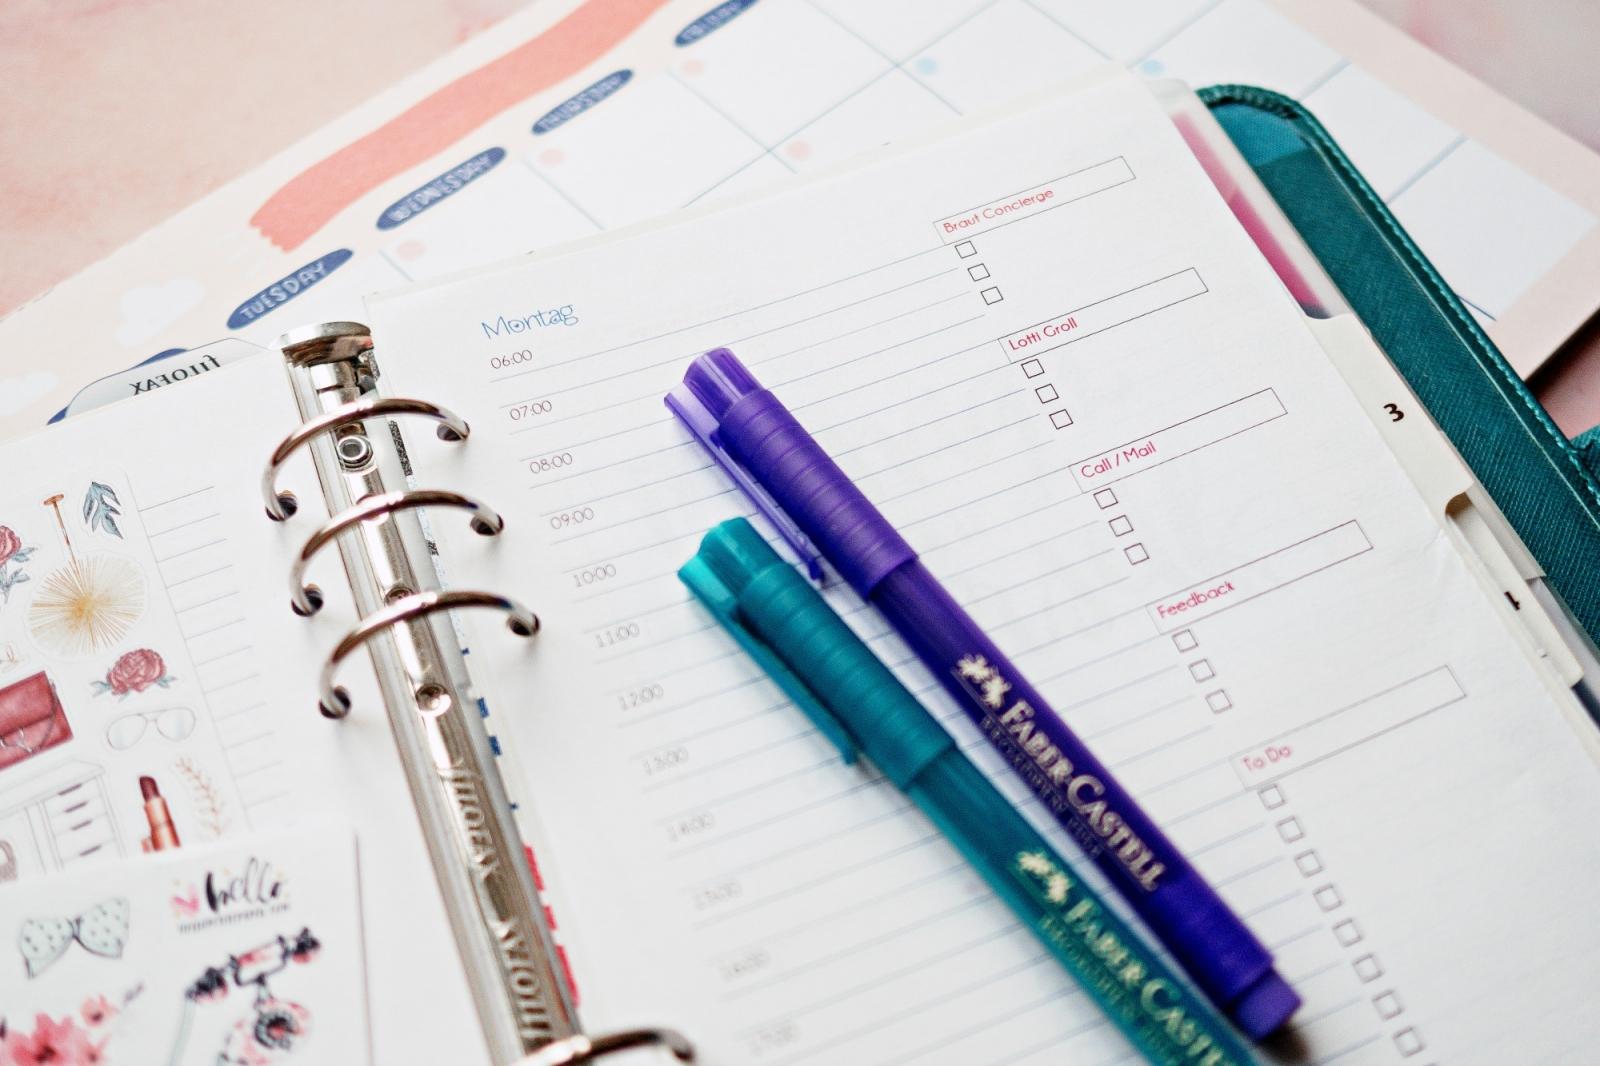 Erfolg ist planbar | Filofax A5 Setup | Lotti Groll